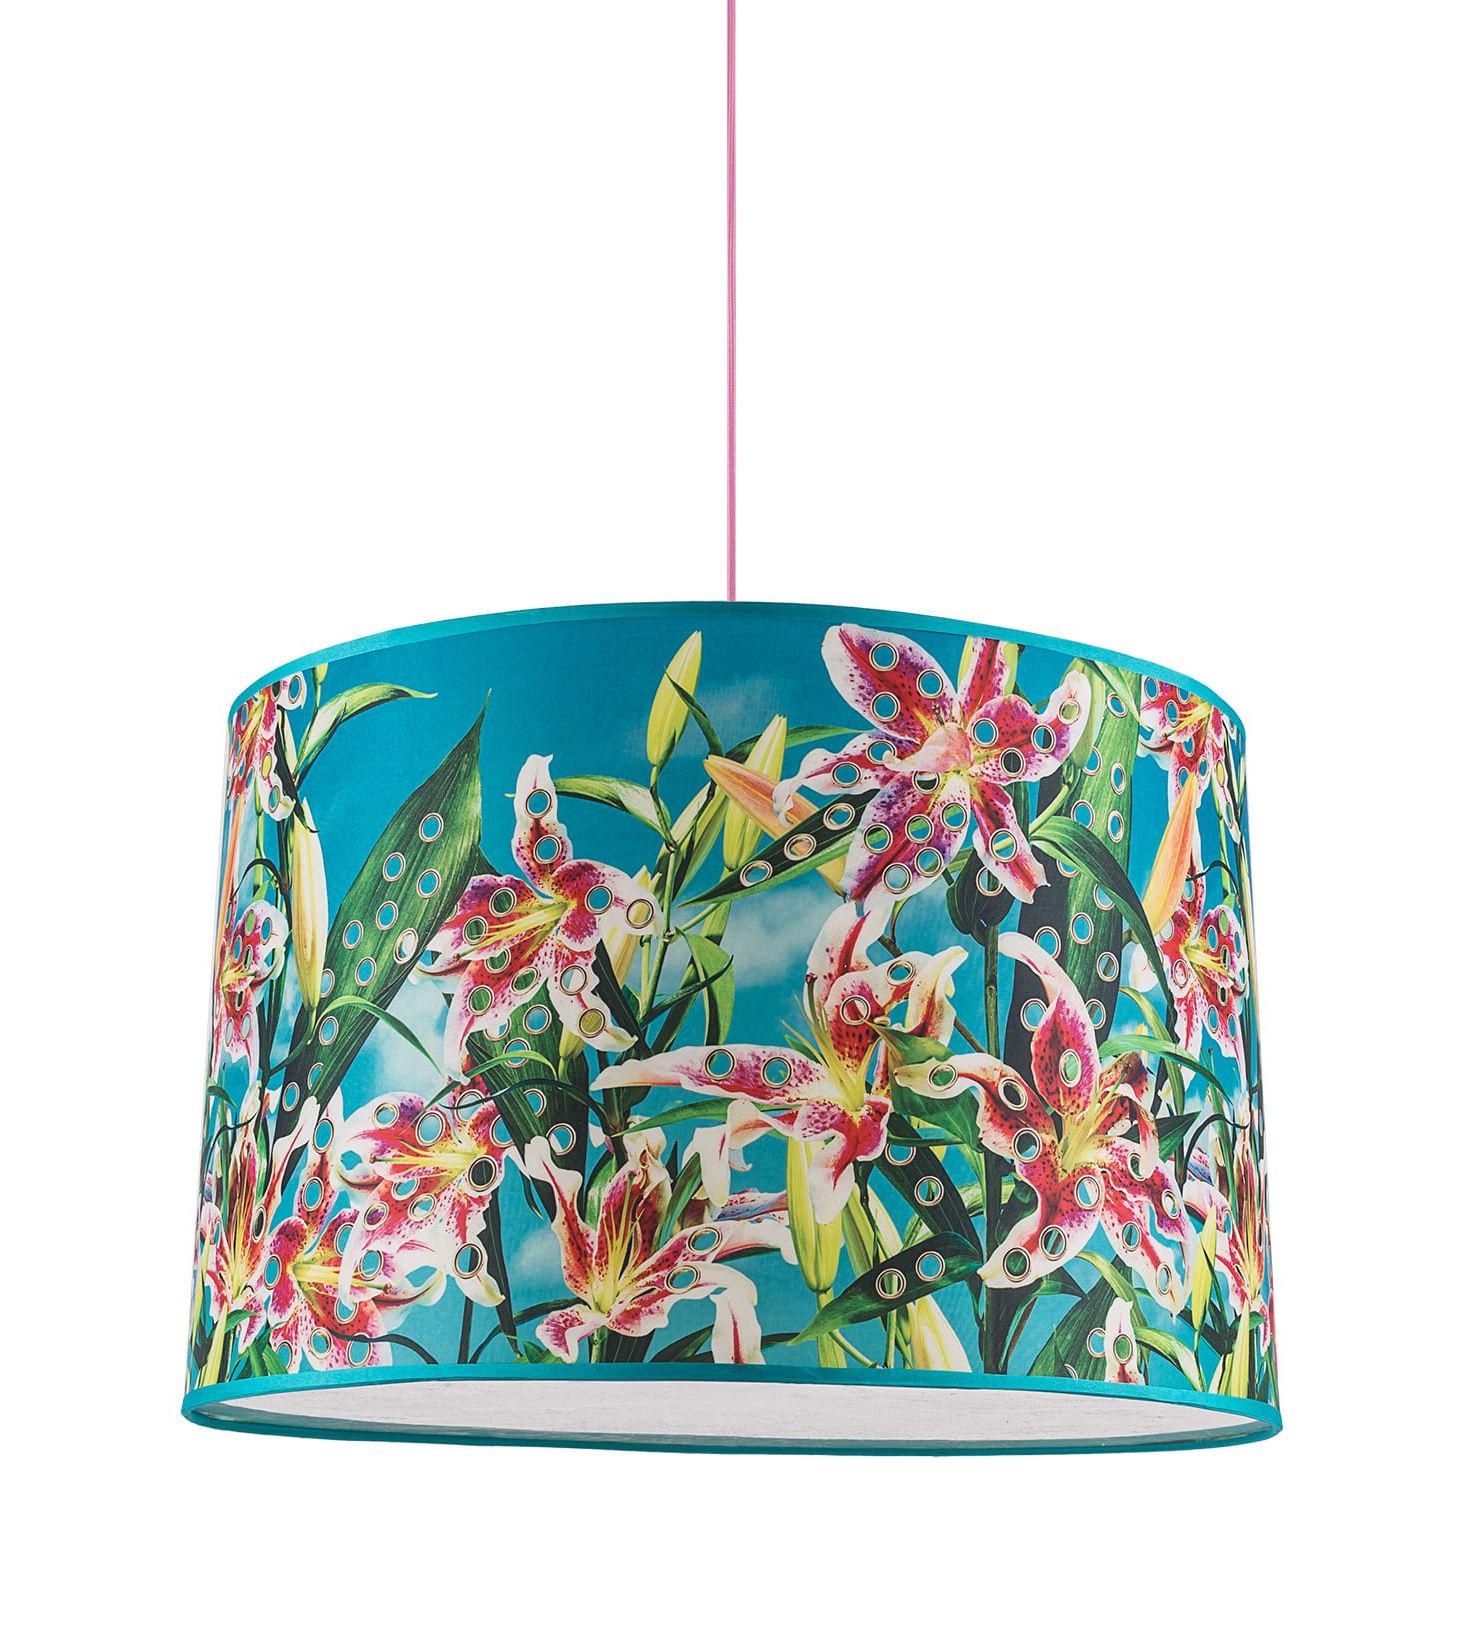 Luminaire - Suspensions - Suspension Toiletpaper Large / Fleurs trouées - Ø 52 cm - Seletti - Fleurs trouées - Plexiglas - Câble tissu